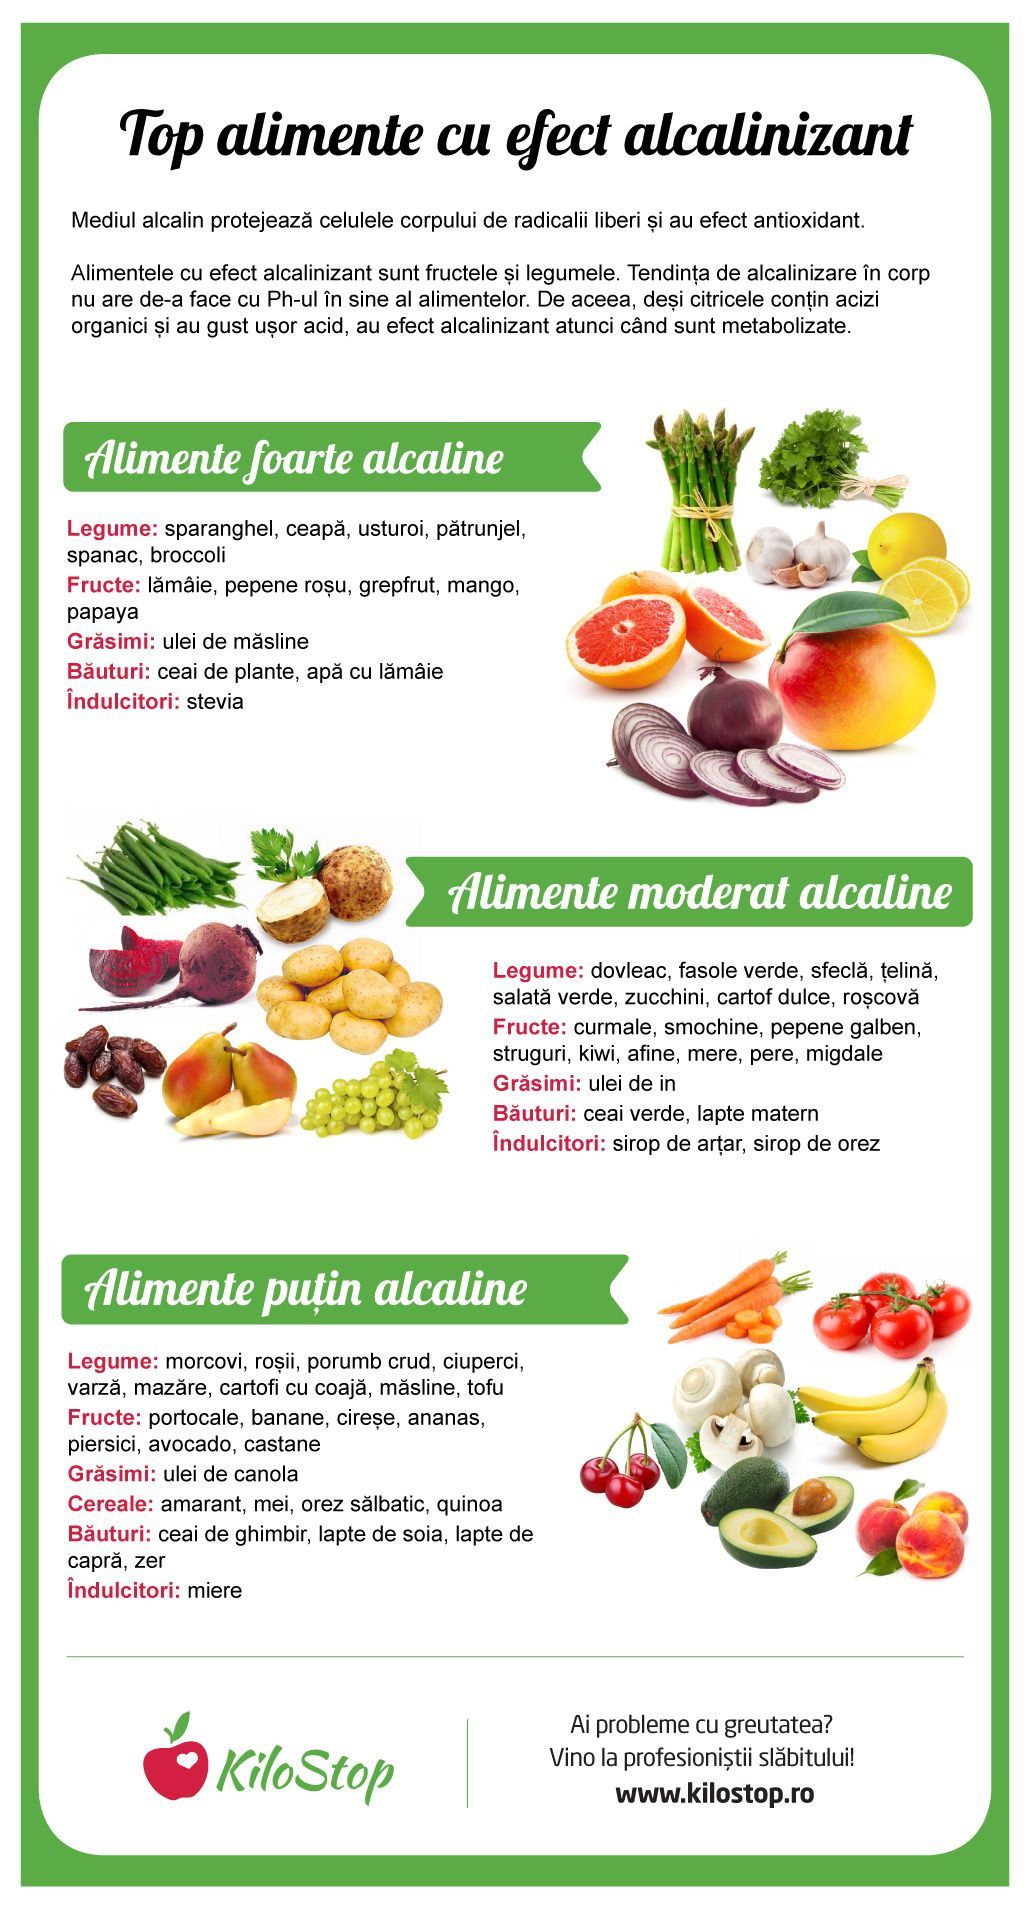 Dieta alcalină - tot ce trebuie să ştii